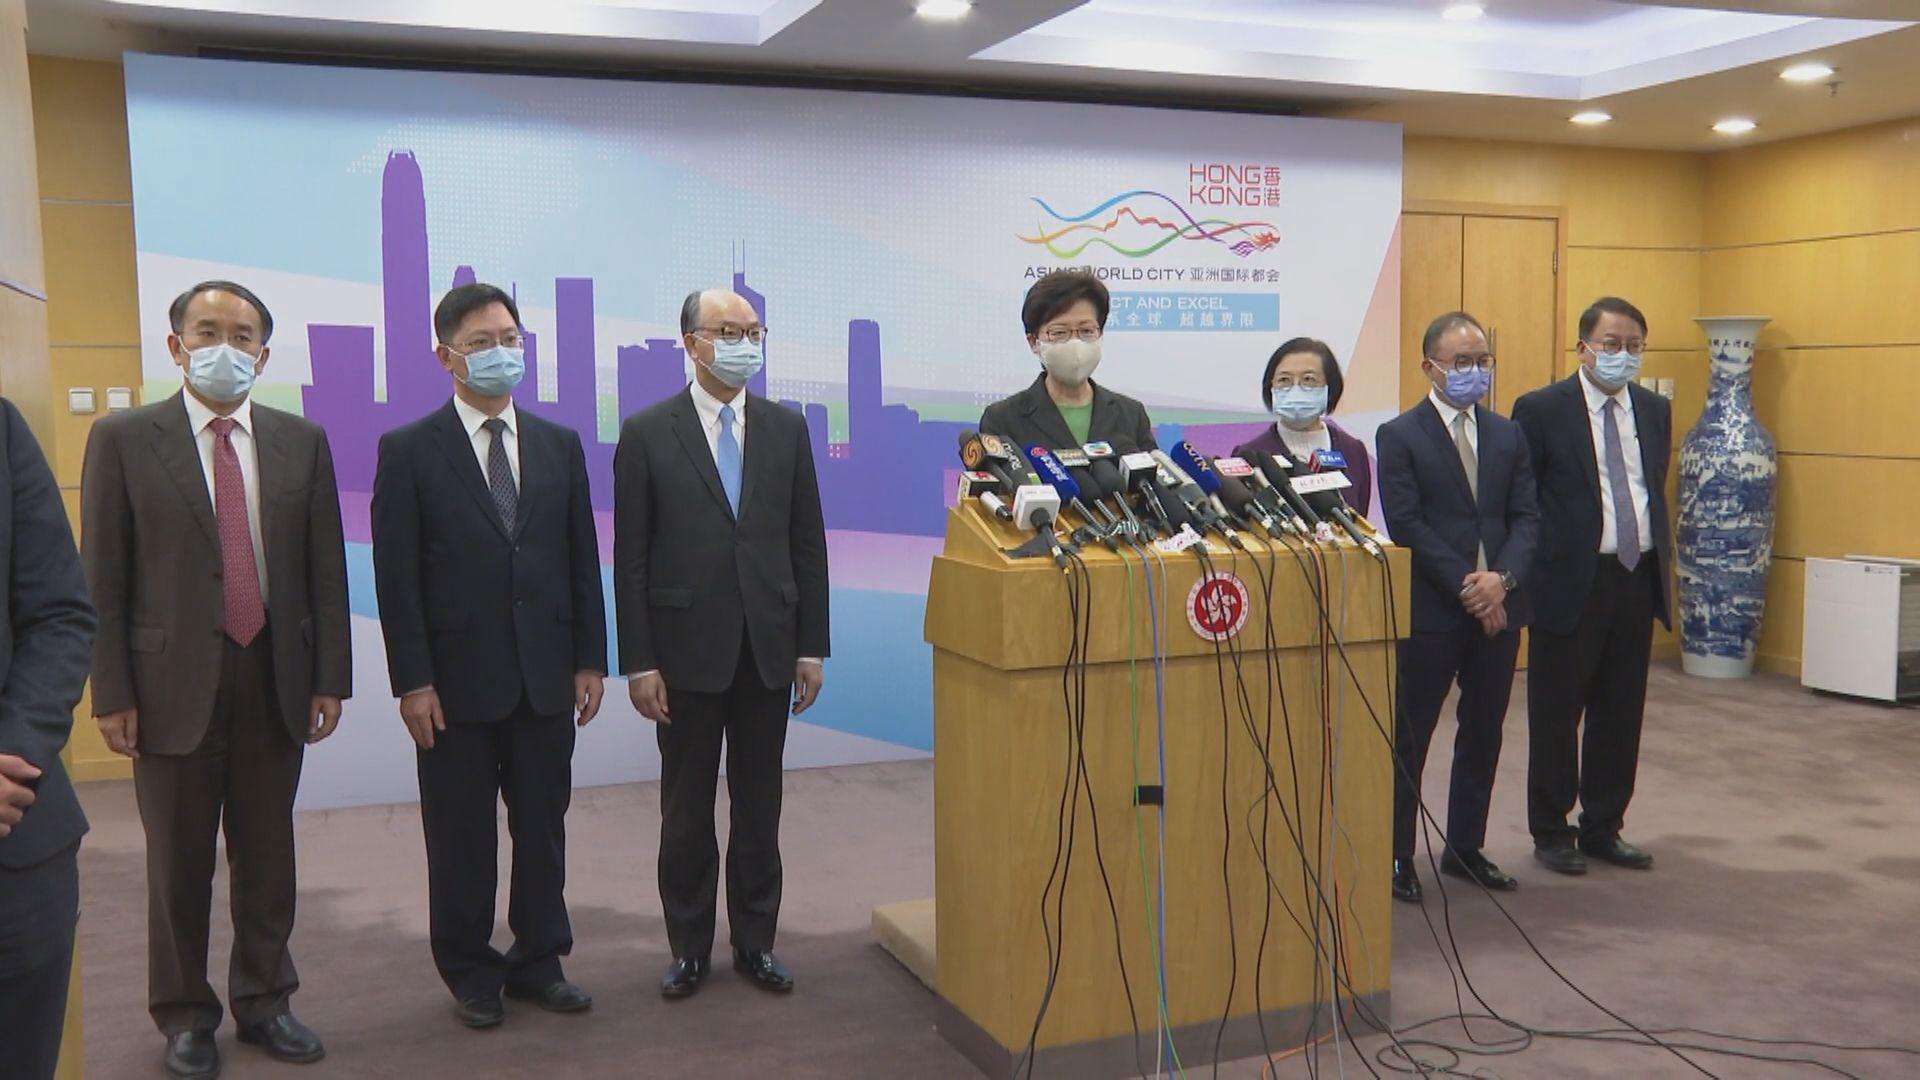 林鄭月娥:向中央提出支持政策措施獲積極回應